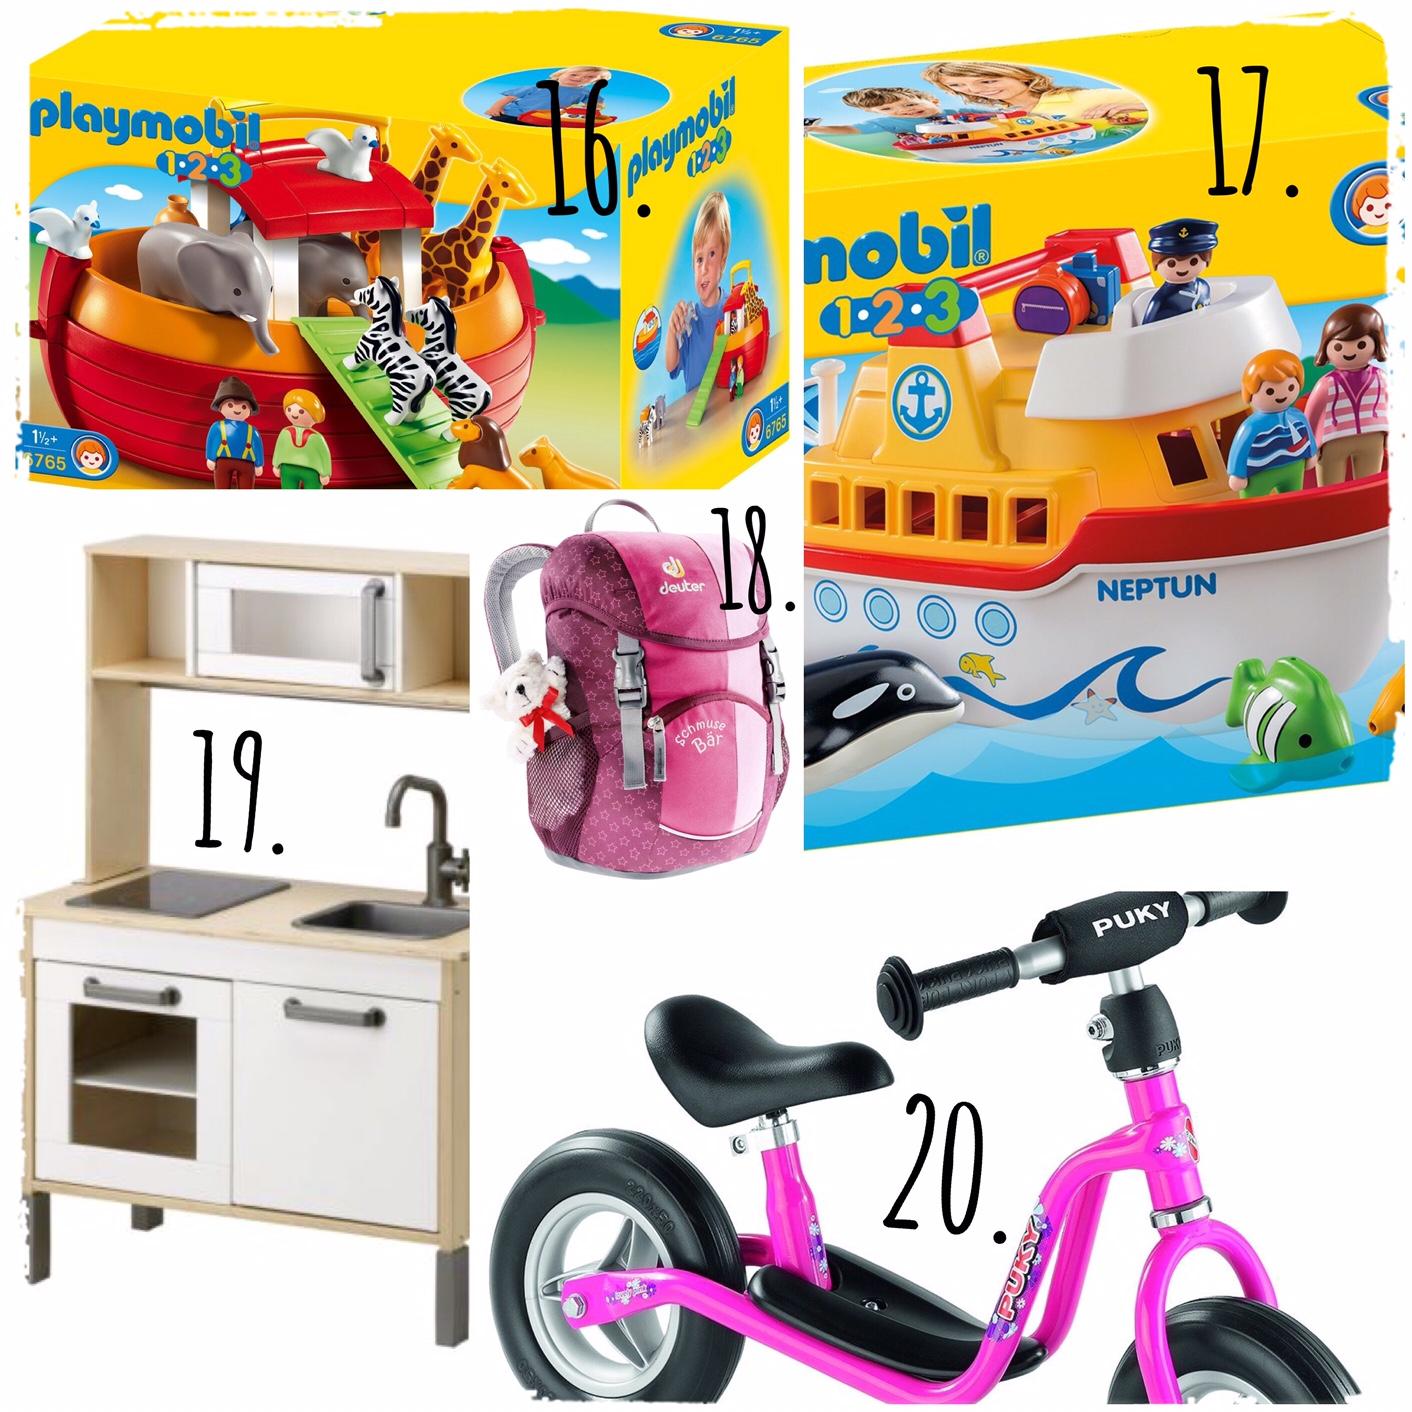 die top 20 geschenke zum 2 geburtstag mama lifestyle blog. Black Bedroom Furniture Sets. Home Design Ideas